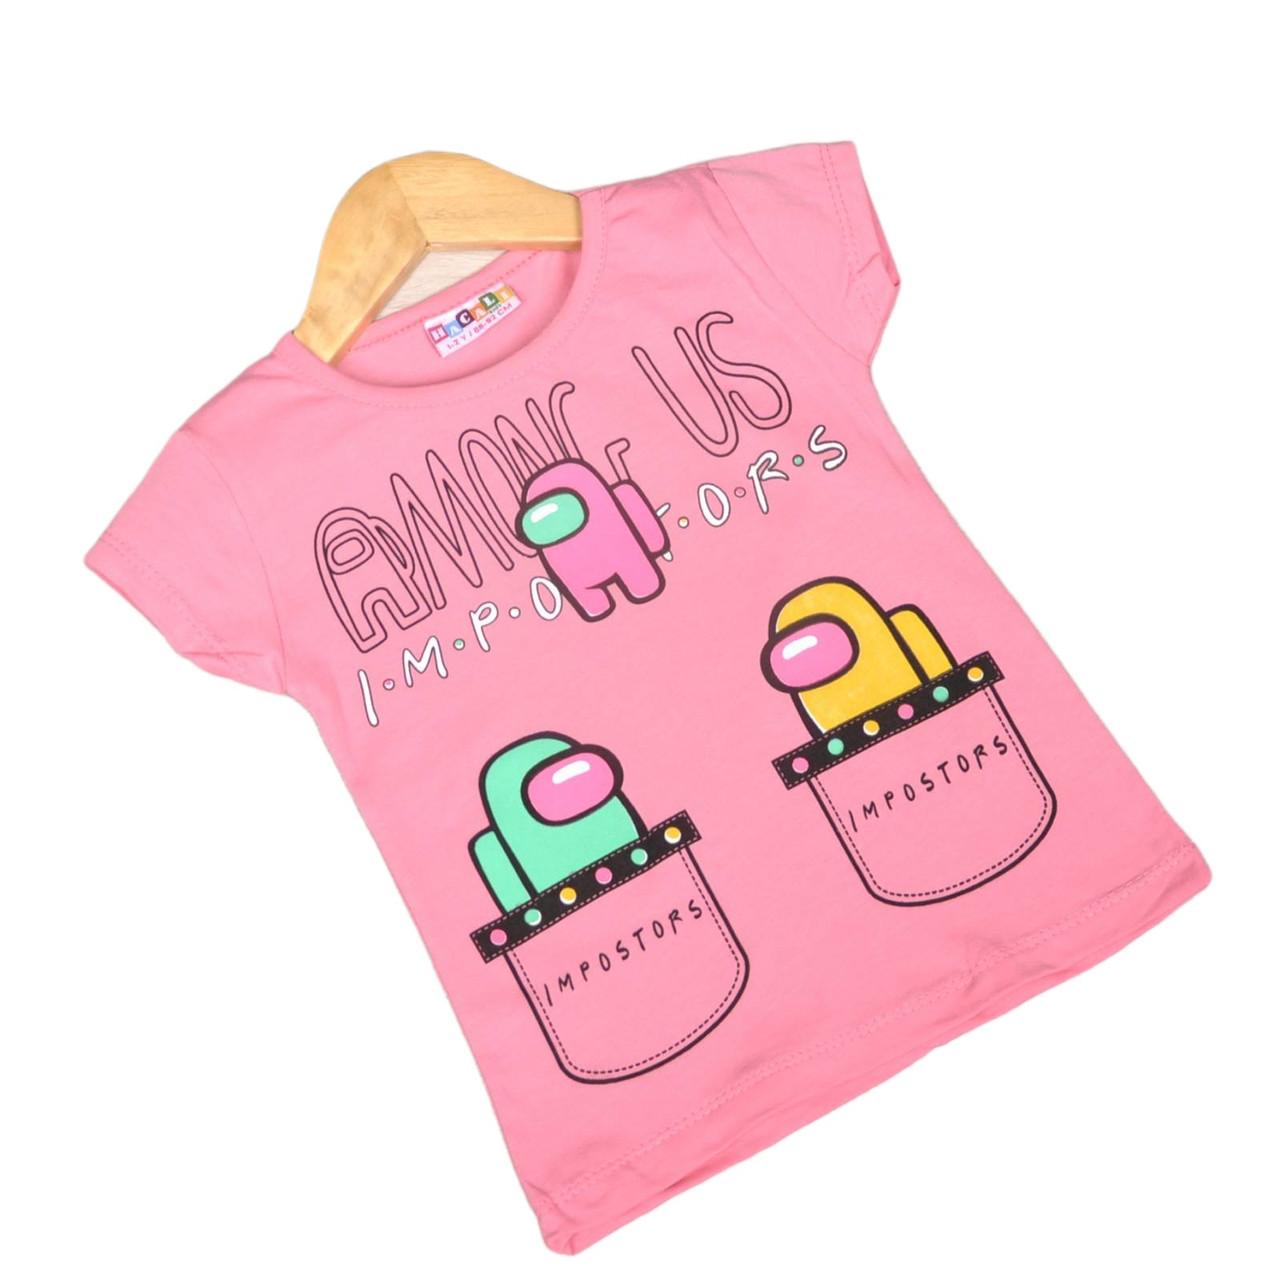 Дитяча футболка для дівчинки Амонг Ас, 116см